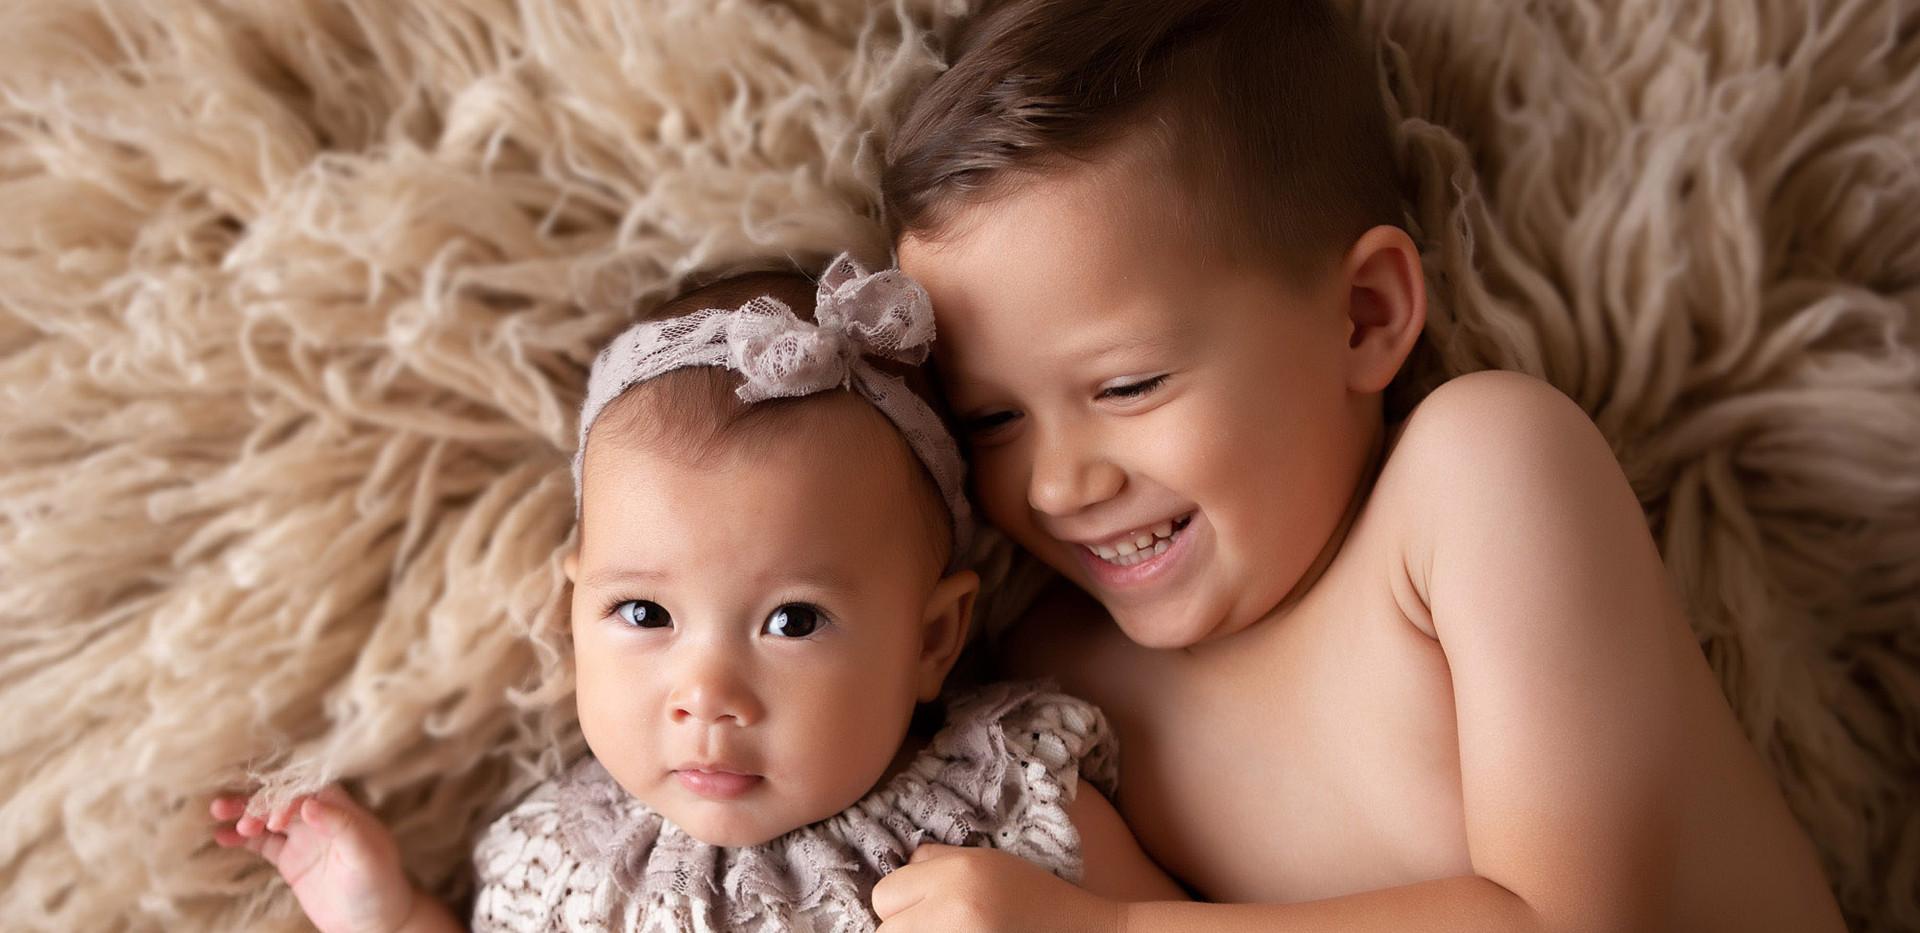 baby-photography-milestone-siblings-sist